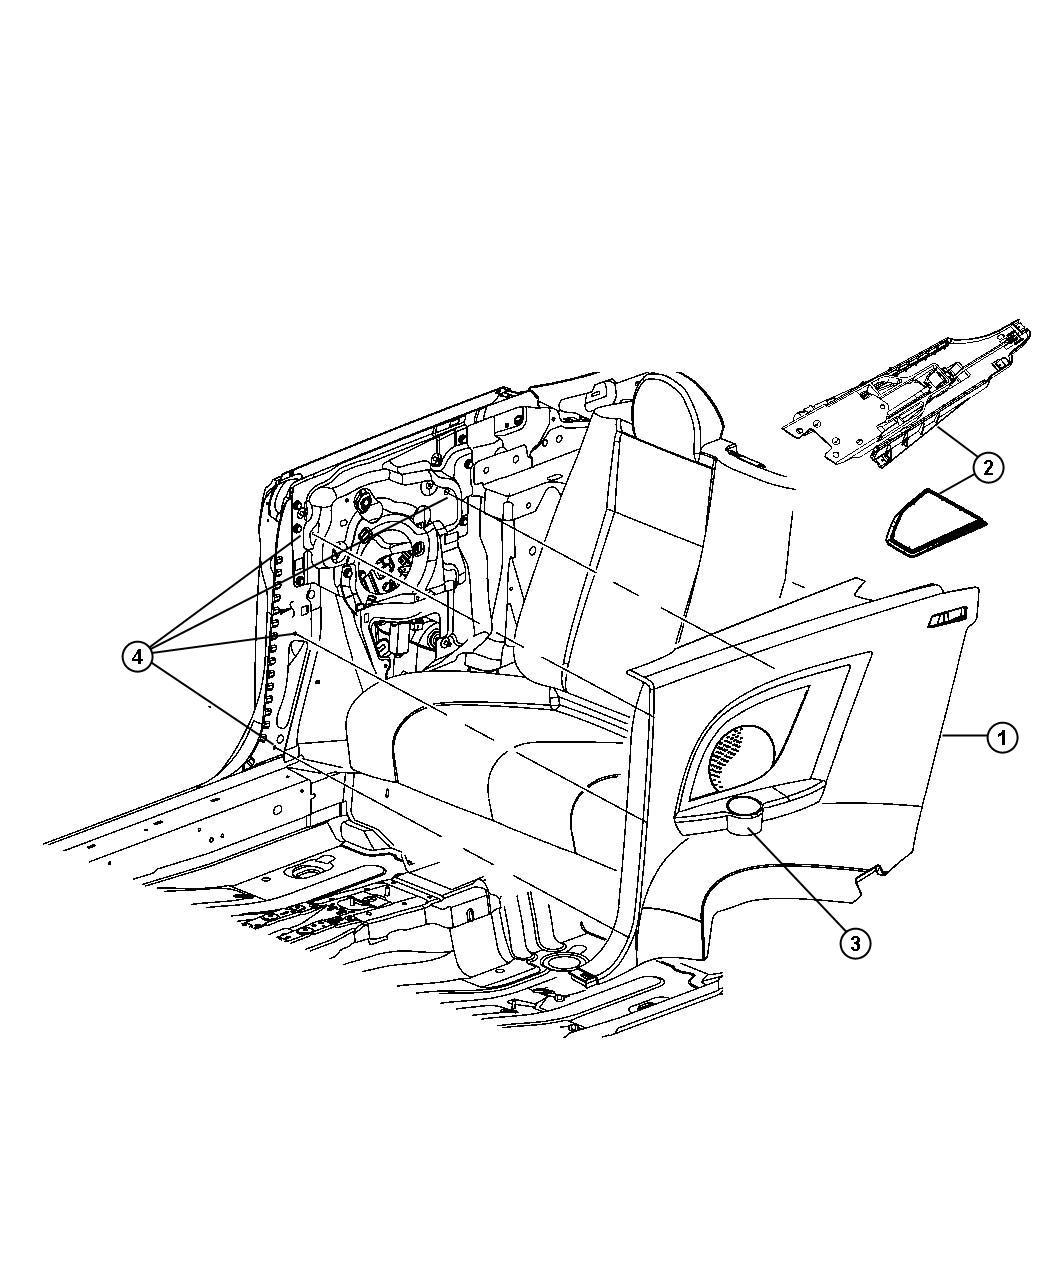 Chrysler Sebring Door Qtr Trim Access Otr Right J1 Trim All Trim Codes Color Dk